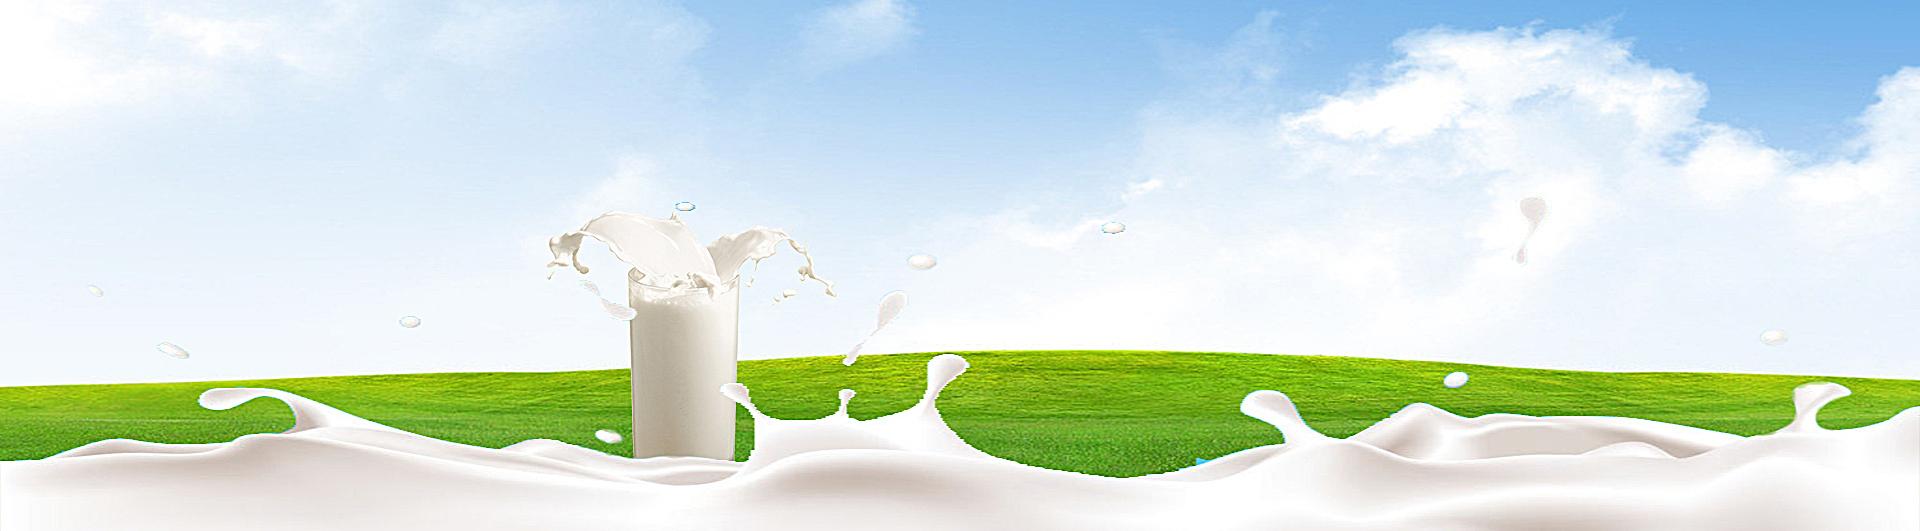 90设计提供电商牛奶乳制品飞溅清新背景banner设计素材下载,高清psd格